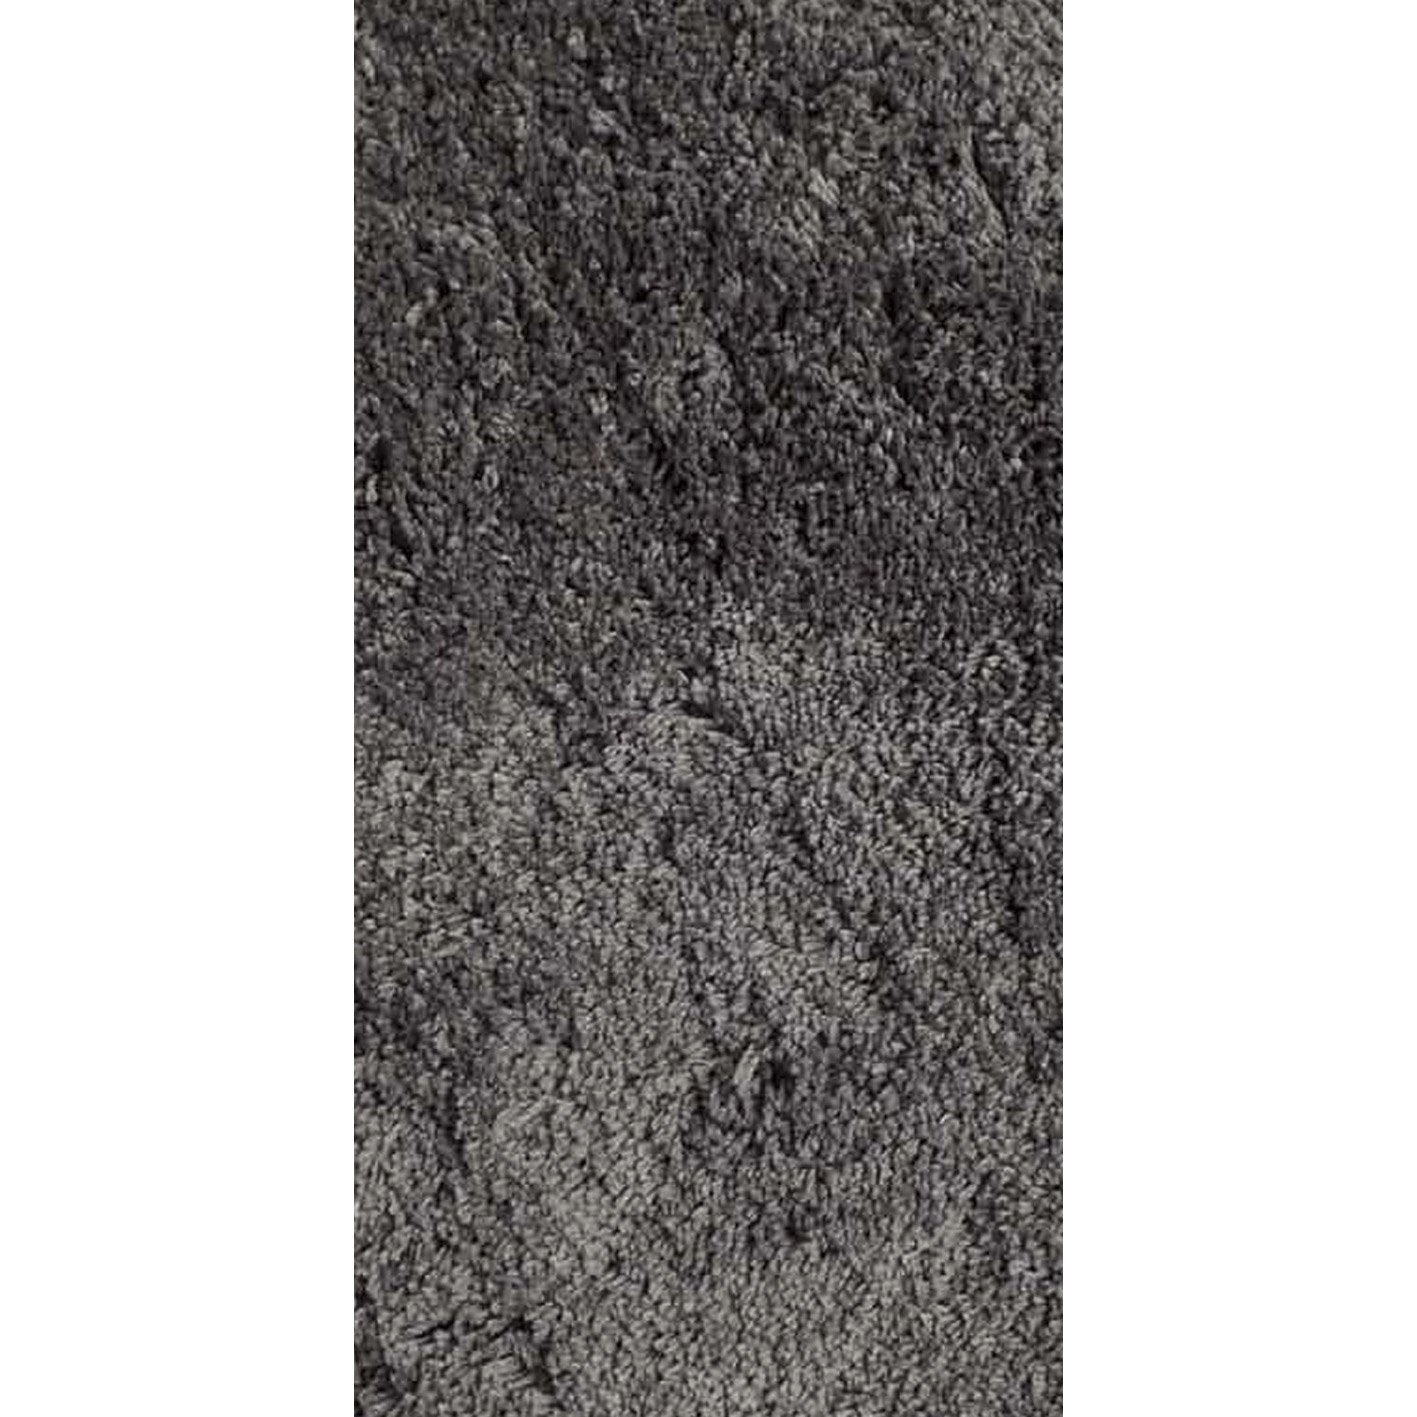 Tapis gris shaggy agathe x cm leroy merlin for Wohnzimmertisch 60 x 120